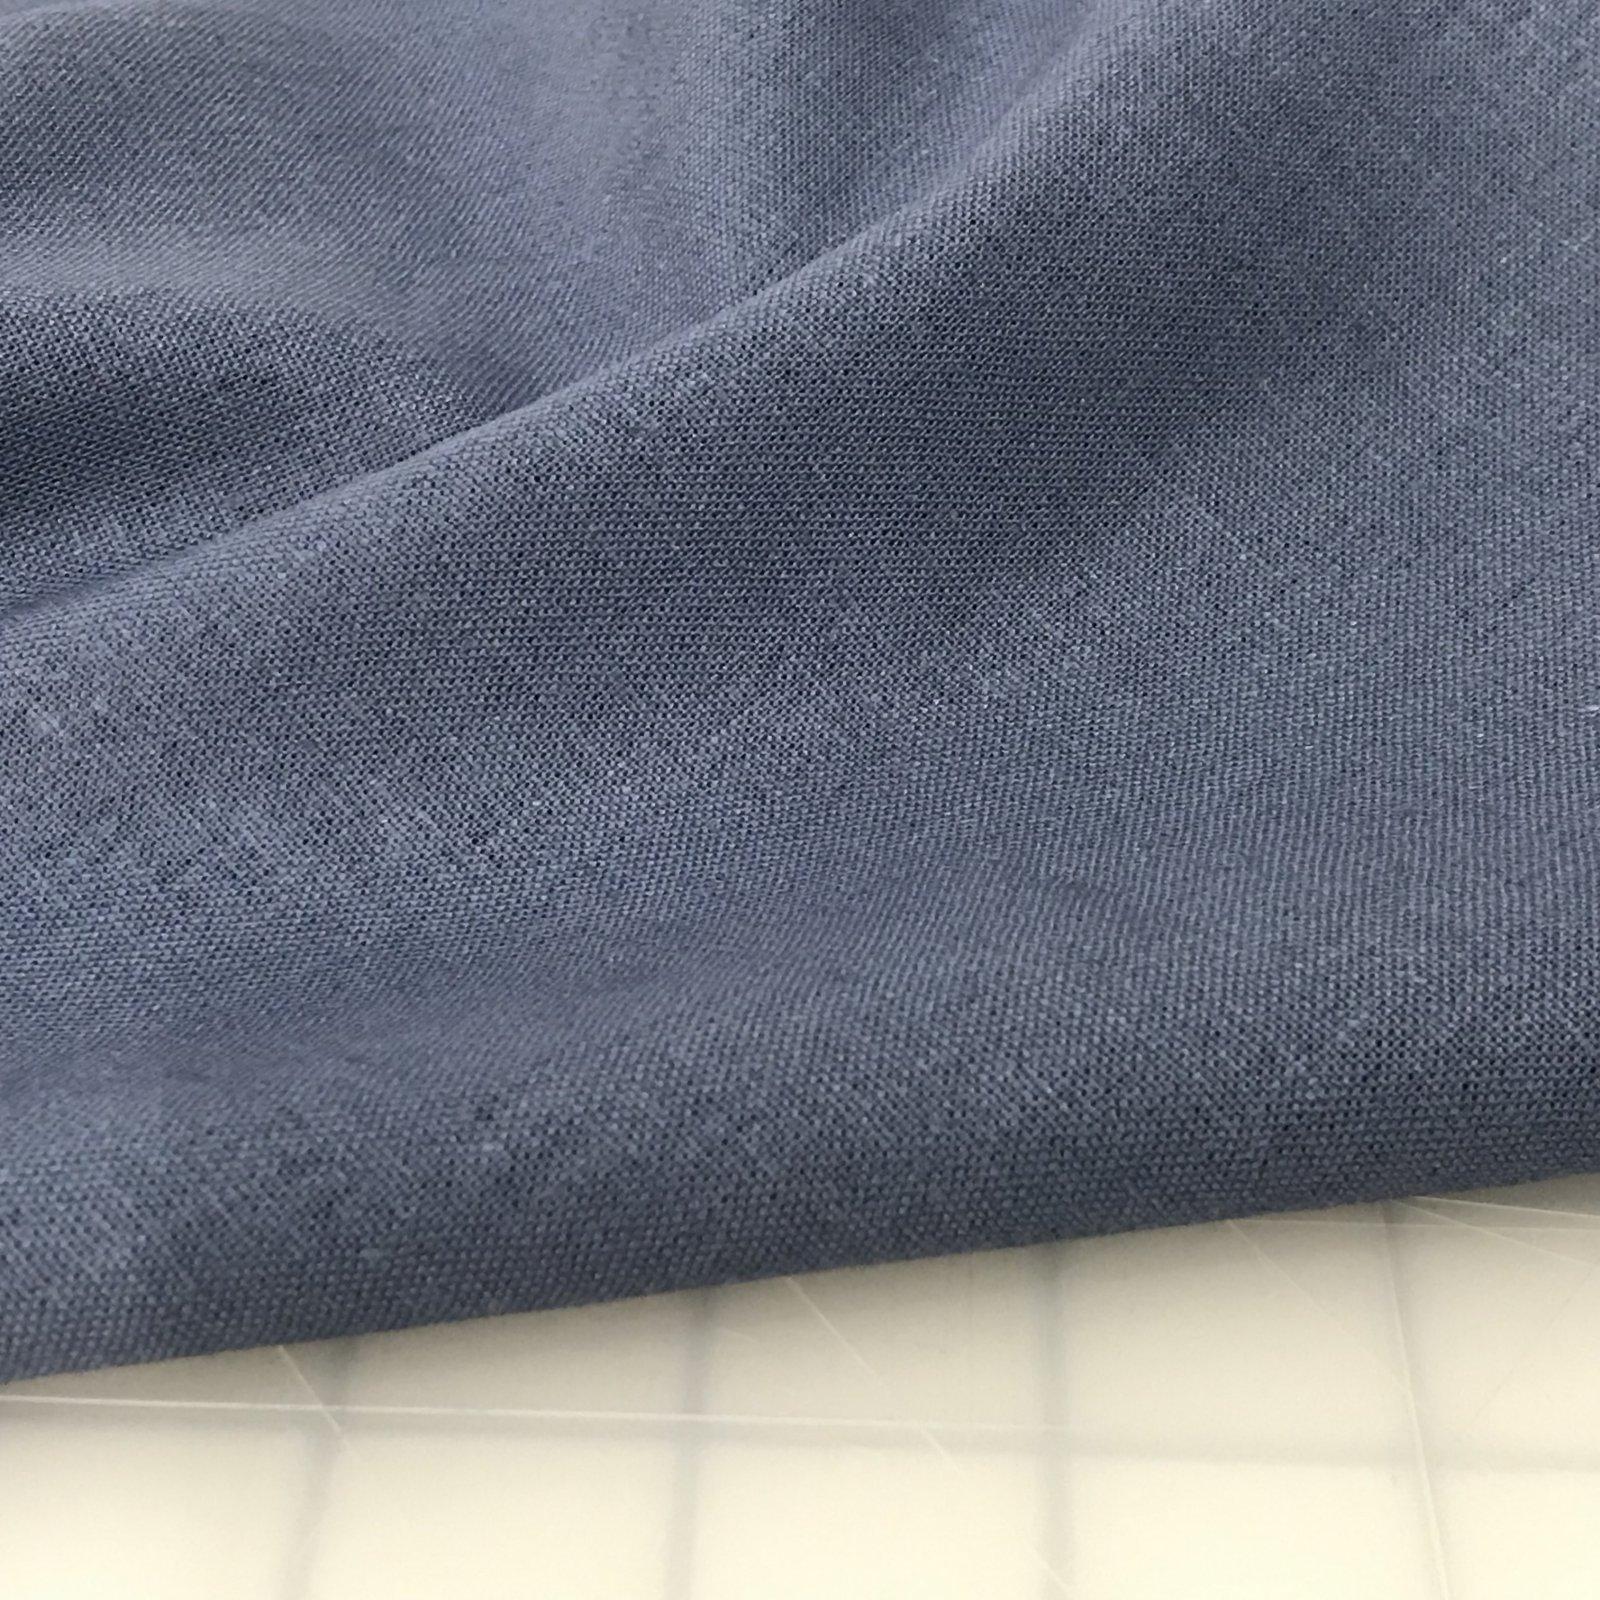 Linen/Rayon  Blend - Denim